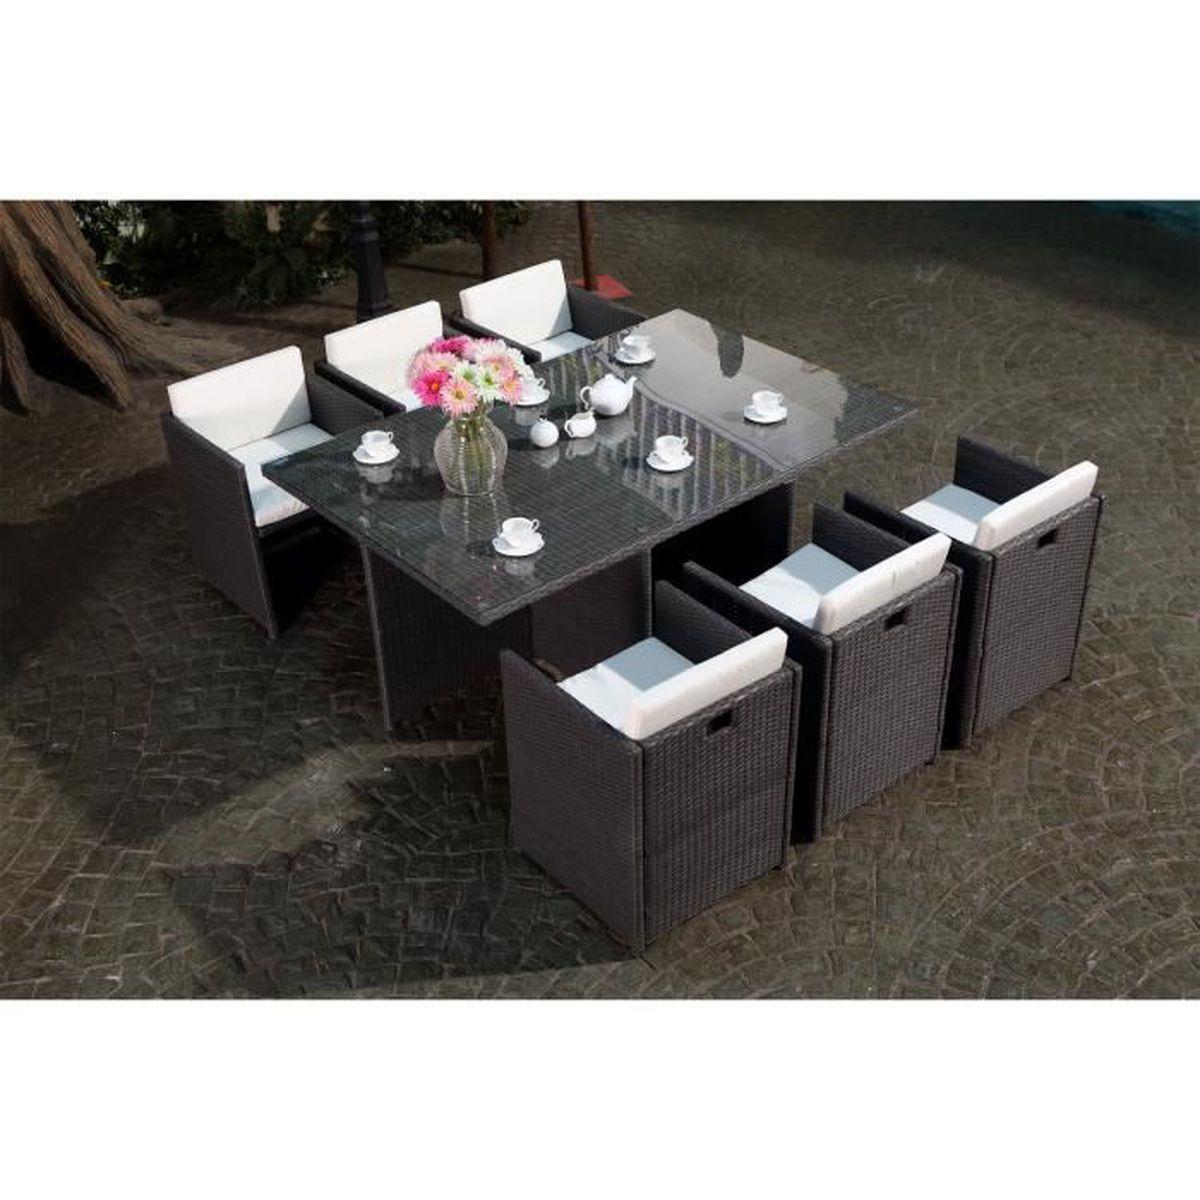 bfb655d66cc26 Table de salon de jardin gris en resine 6 personnes - Achat   Vente ...